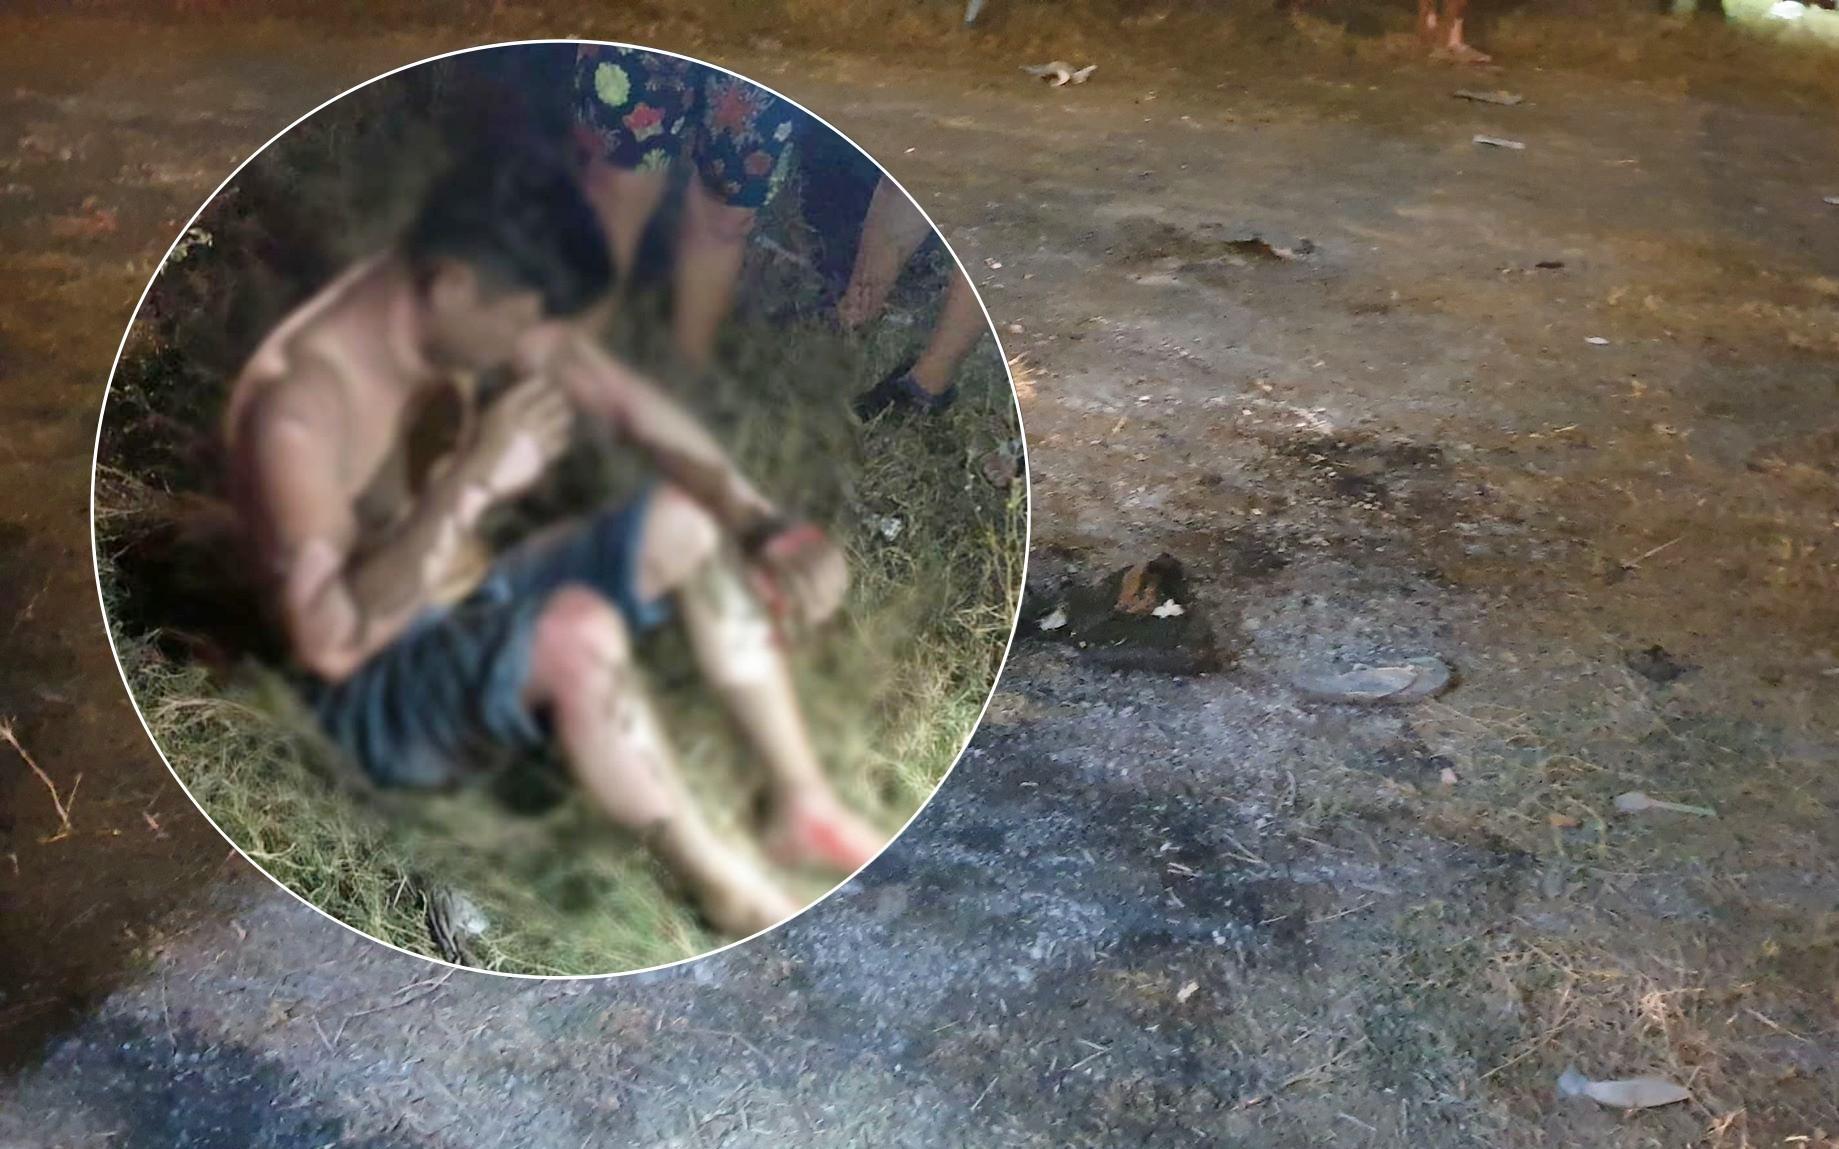 Hoảng hồn phát hiện đôi nam nữ cháy như ngọn đuốc sau khi ra bãi đất trống nói chuyện ở Sài Gòn